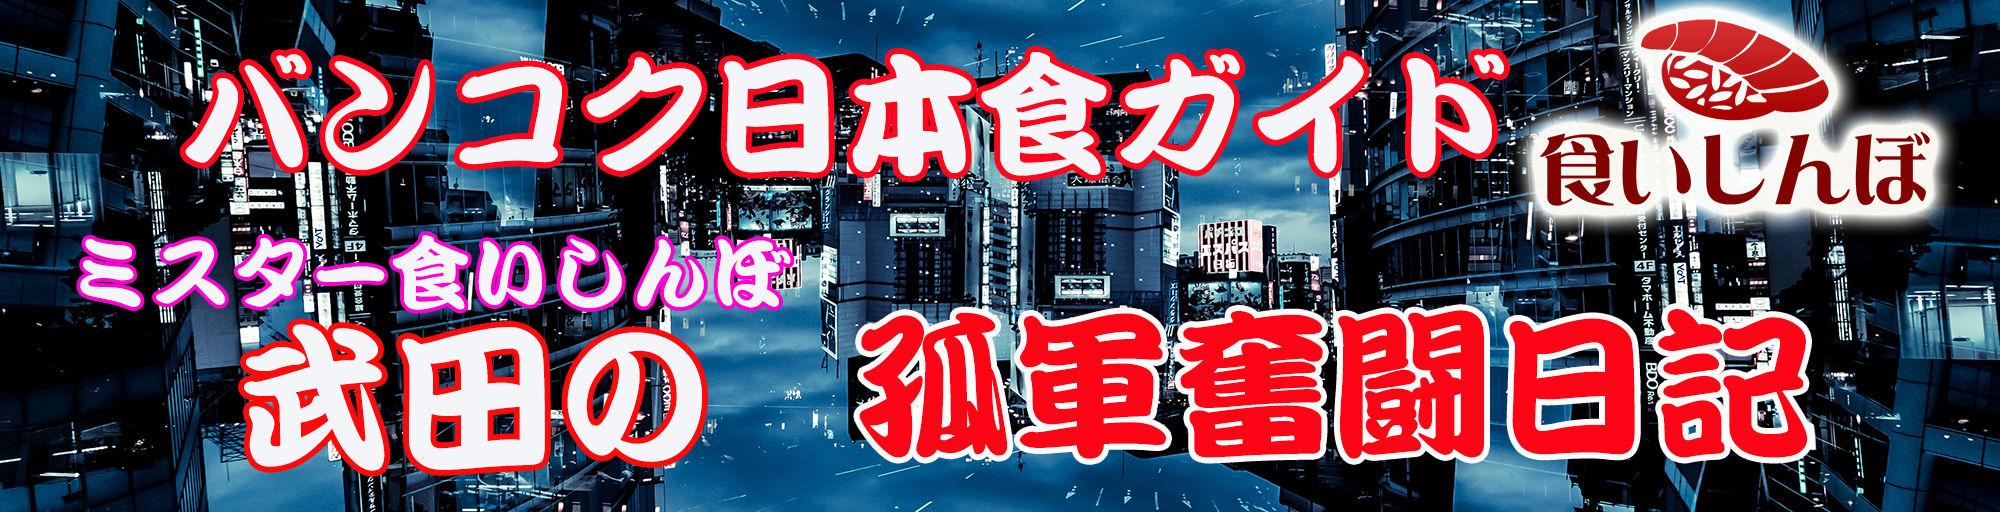 バンコク日本食ガイド 食いしんぼ武田の  孤軍奮闘日記 イメージ画像